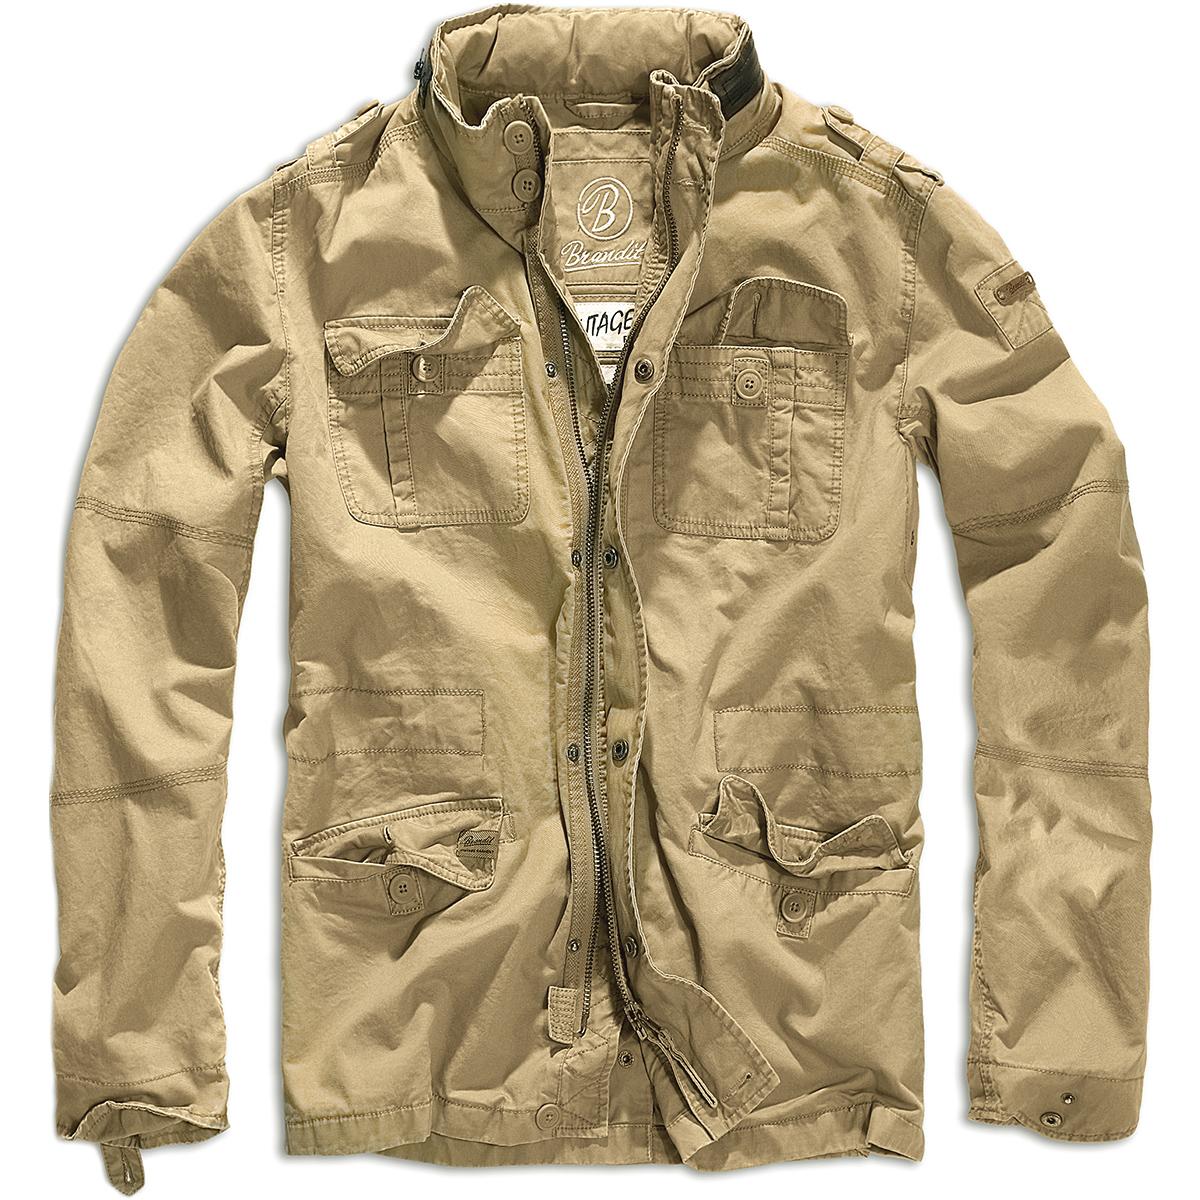 Warme Brandit Britannia Feld Cotton Militärische Travel Cadet Parka Jacke Herren Details Zu vfgbyY76